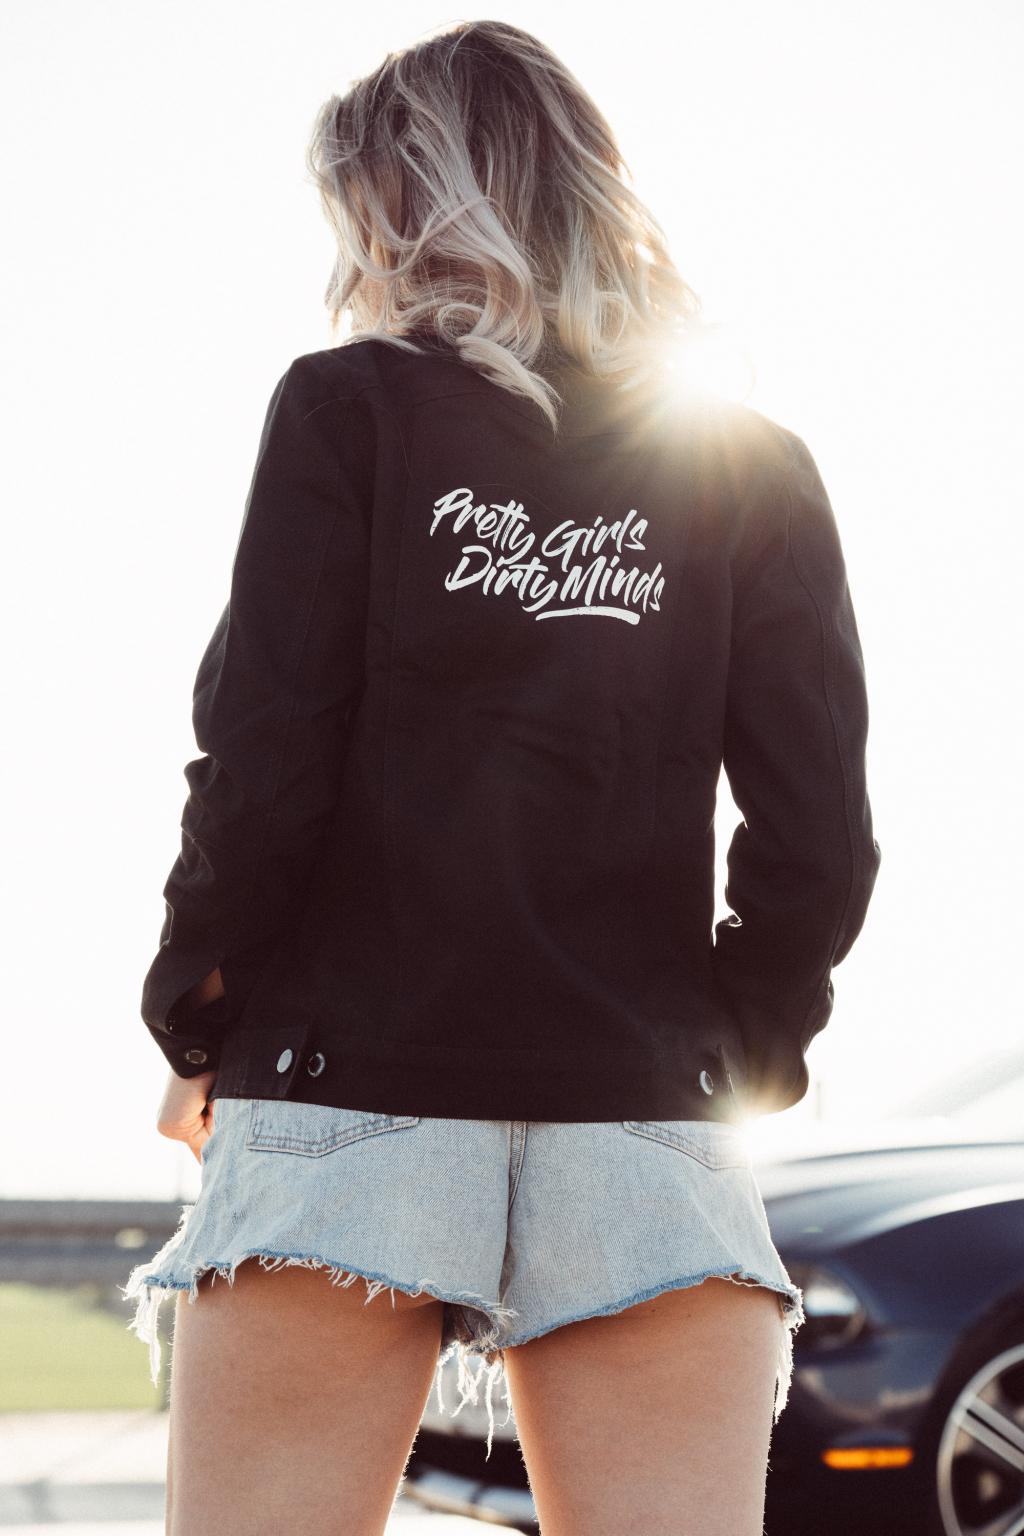 Dámská džínová bunda černá Pretty Girls, Dirty Minds